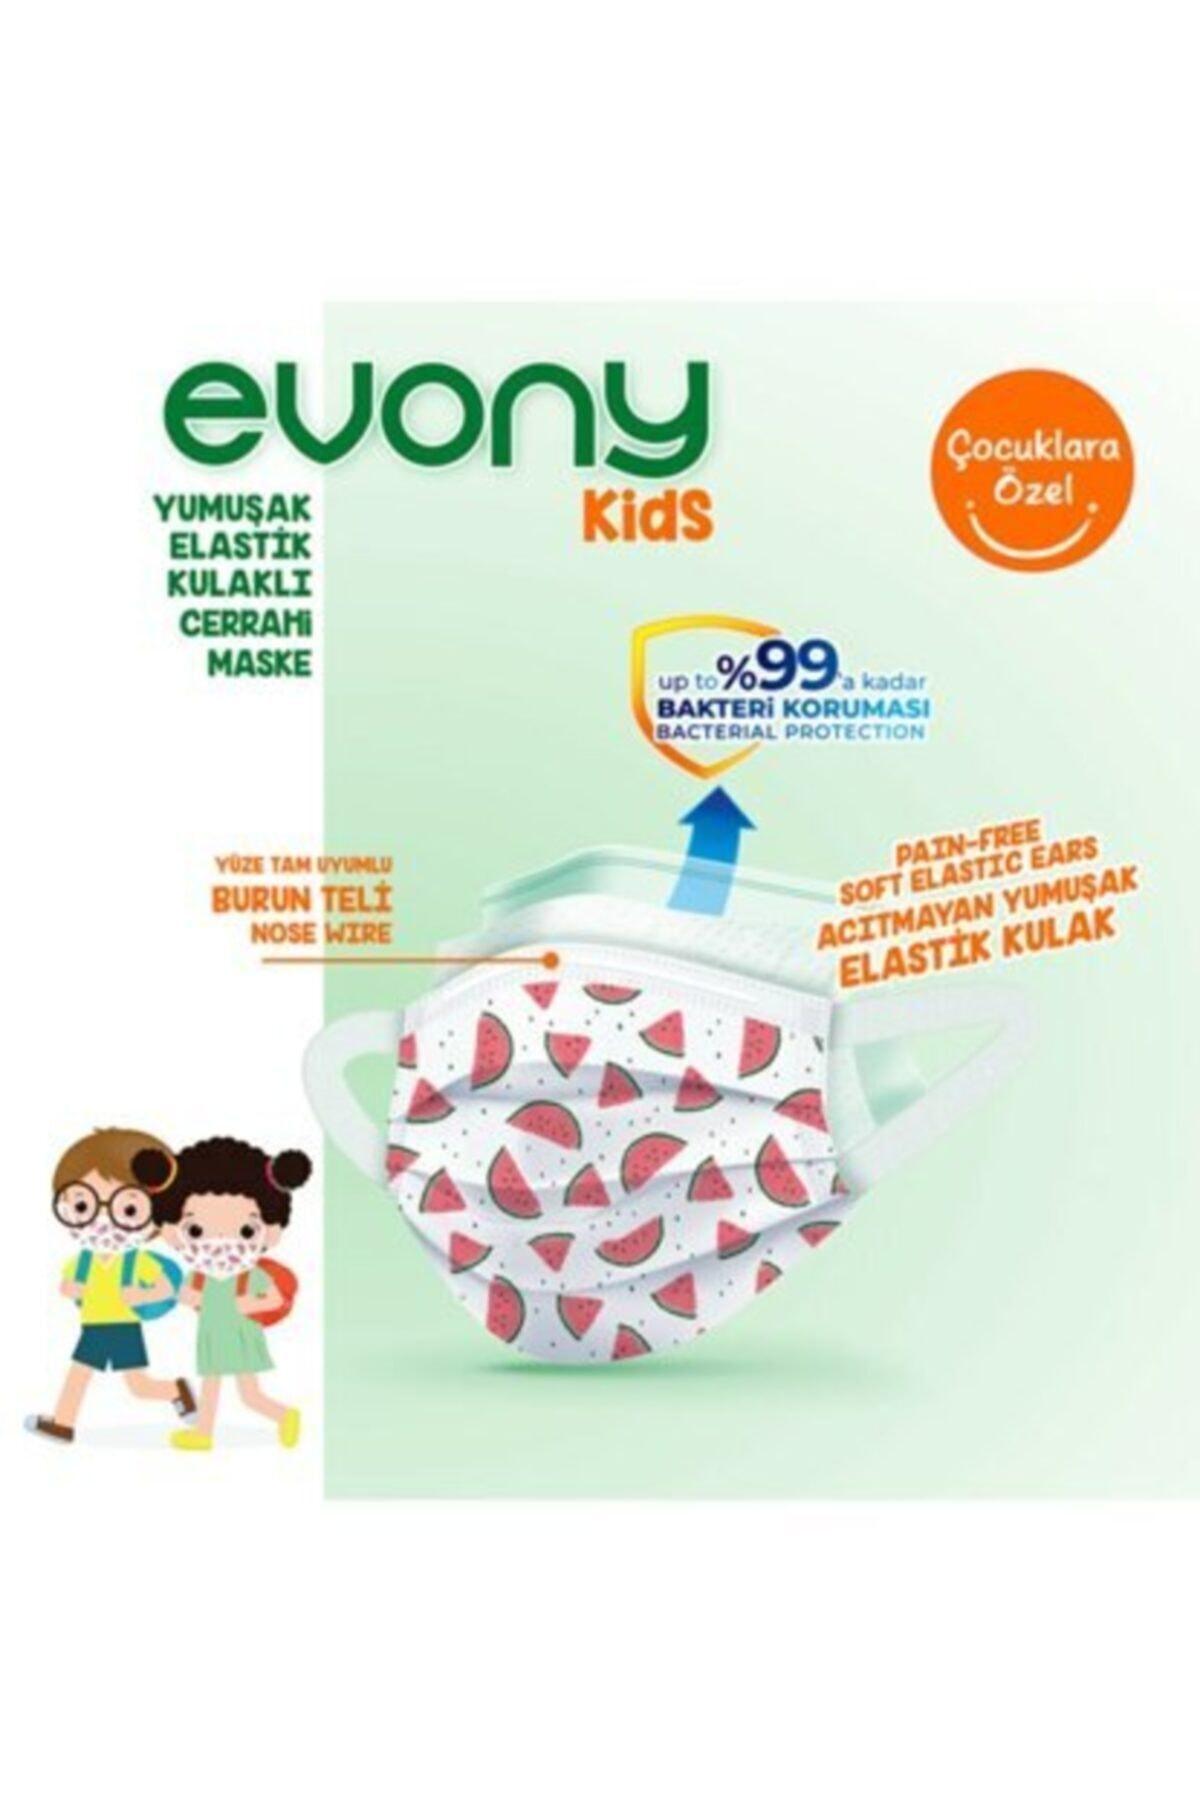 Evony Kids Yumuşak Elastik Kulaklı Renkli Çocuk Maskesi 10 Adet + Hediye 35 Ml Kolonya